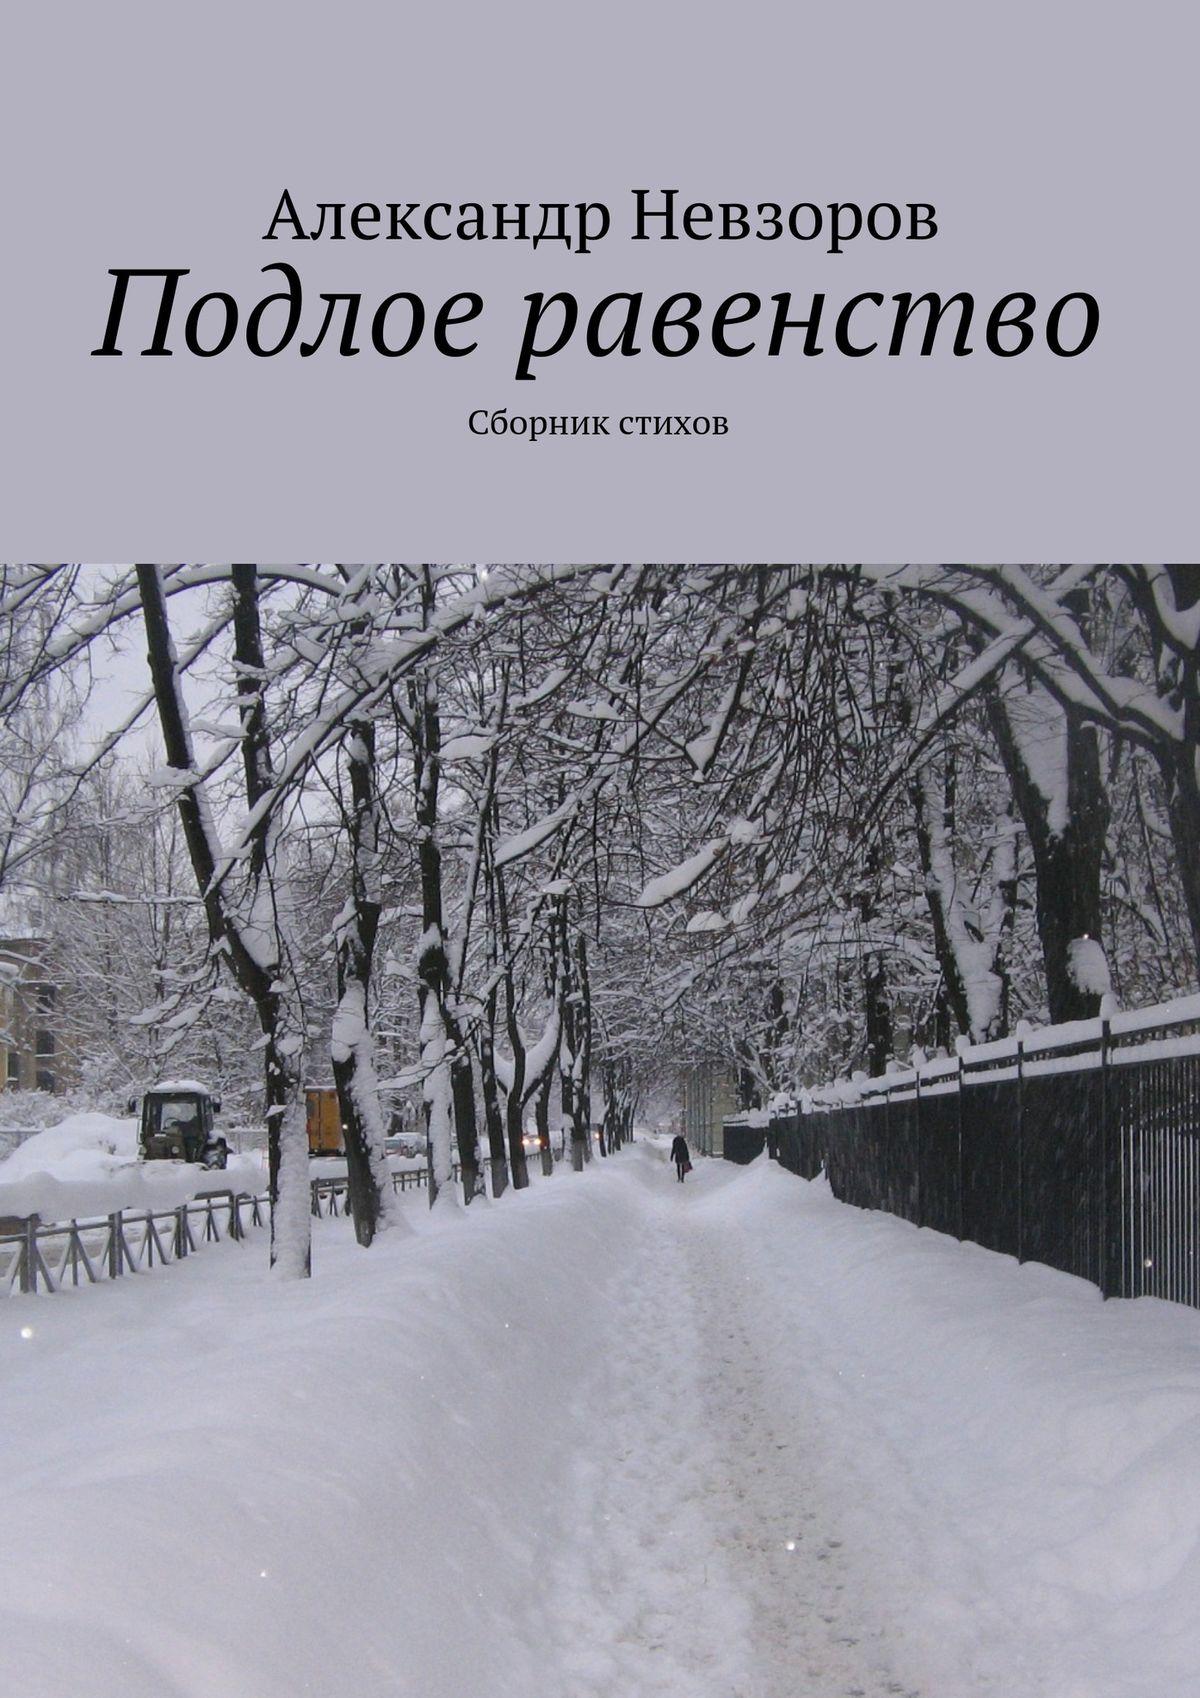 Александр Невзоров Подлое равенство. Сборник стихов foreigner rockin at the ryman